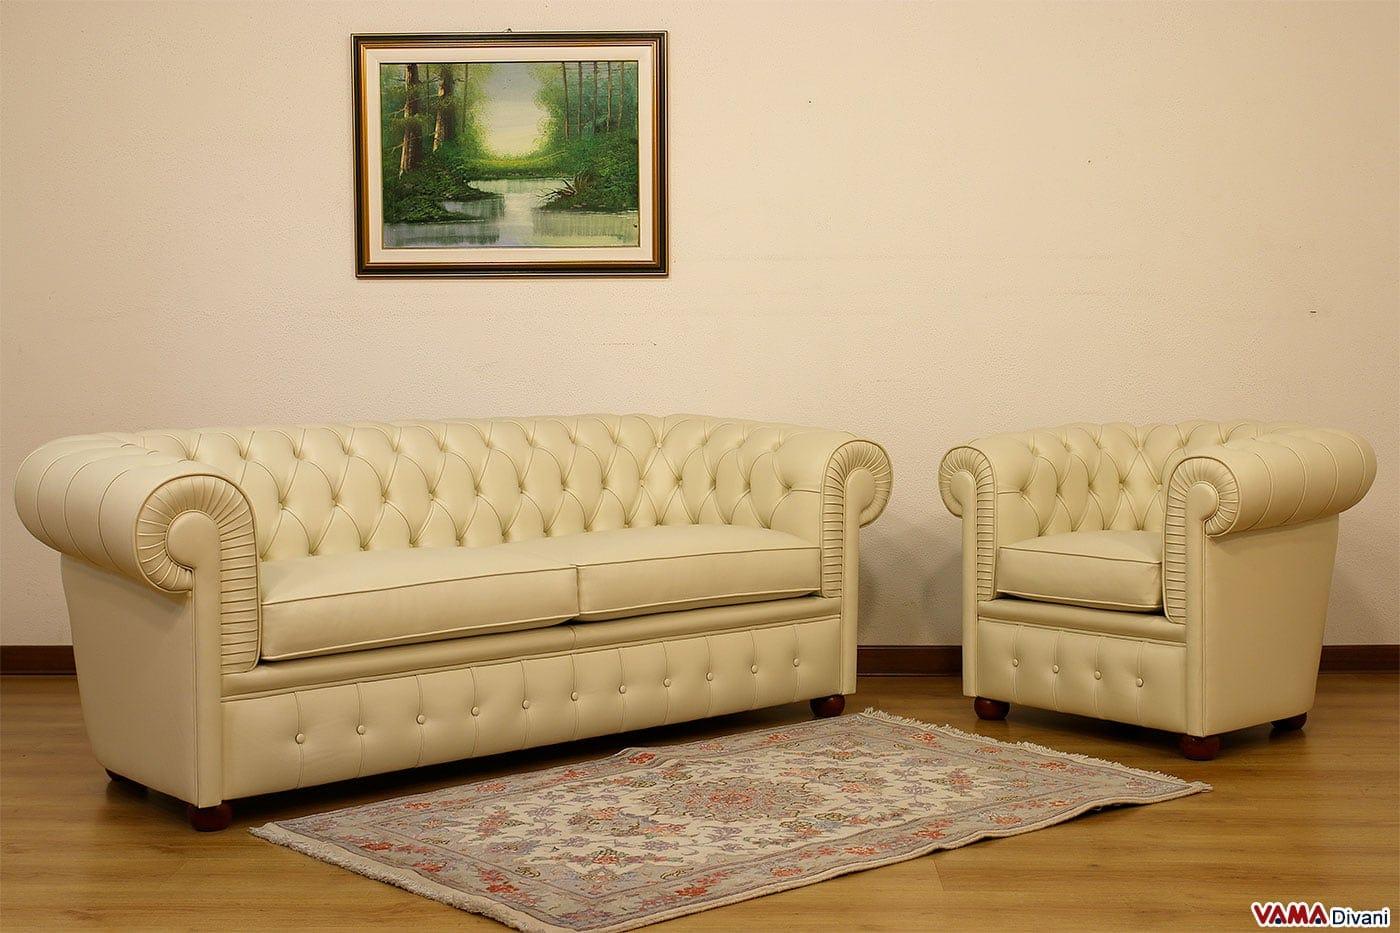 divani viterbo - 28 images - awesome divani e divani viterbo ideas ...